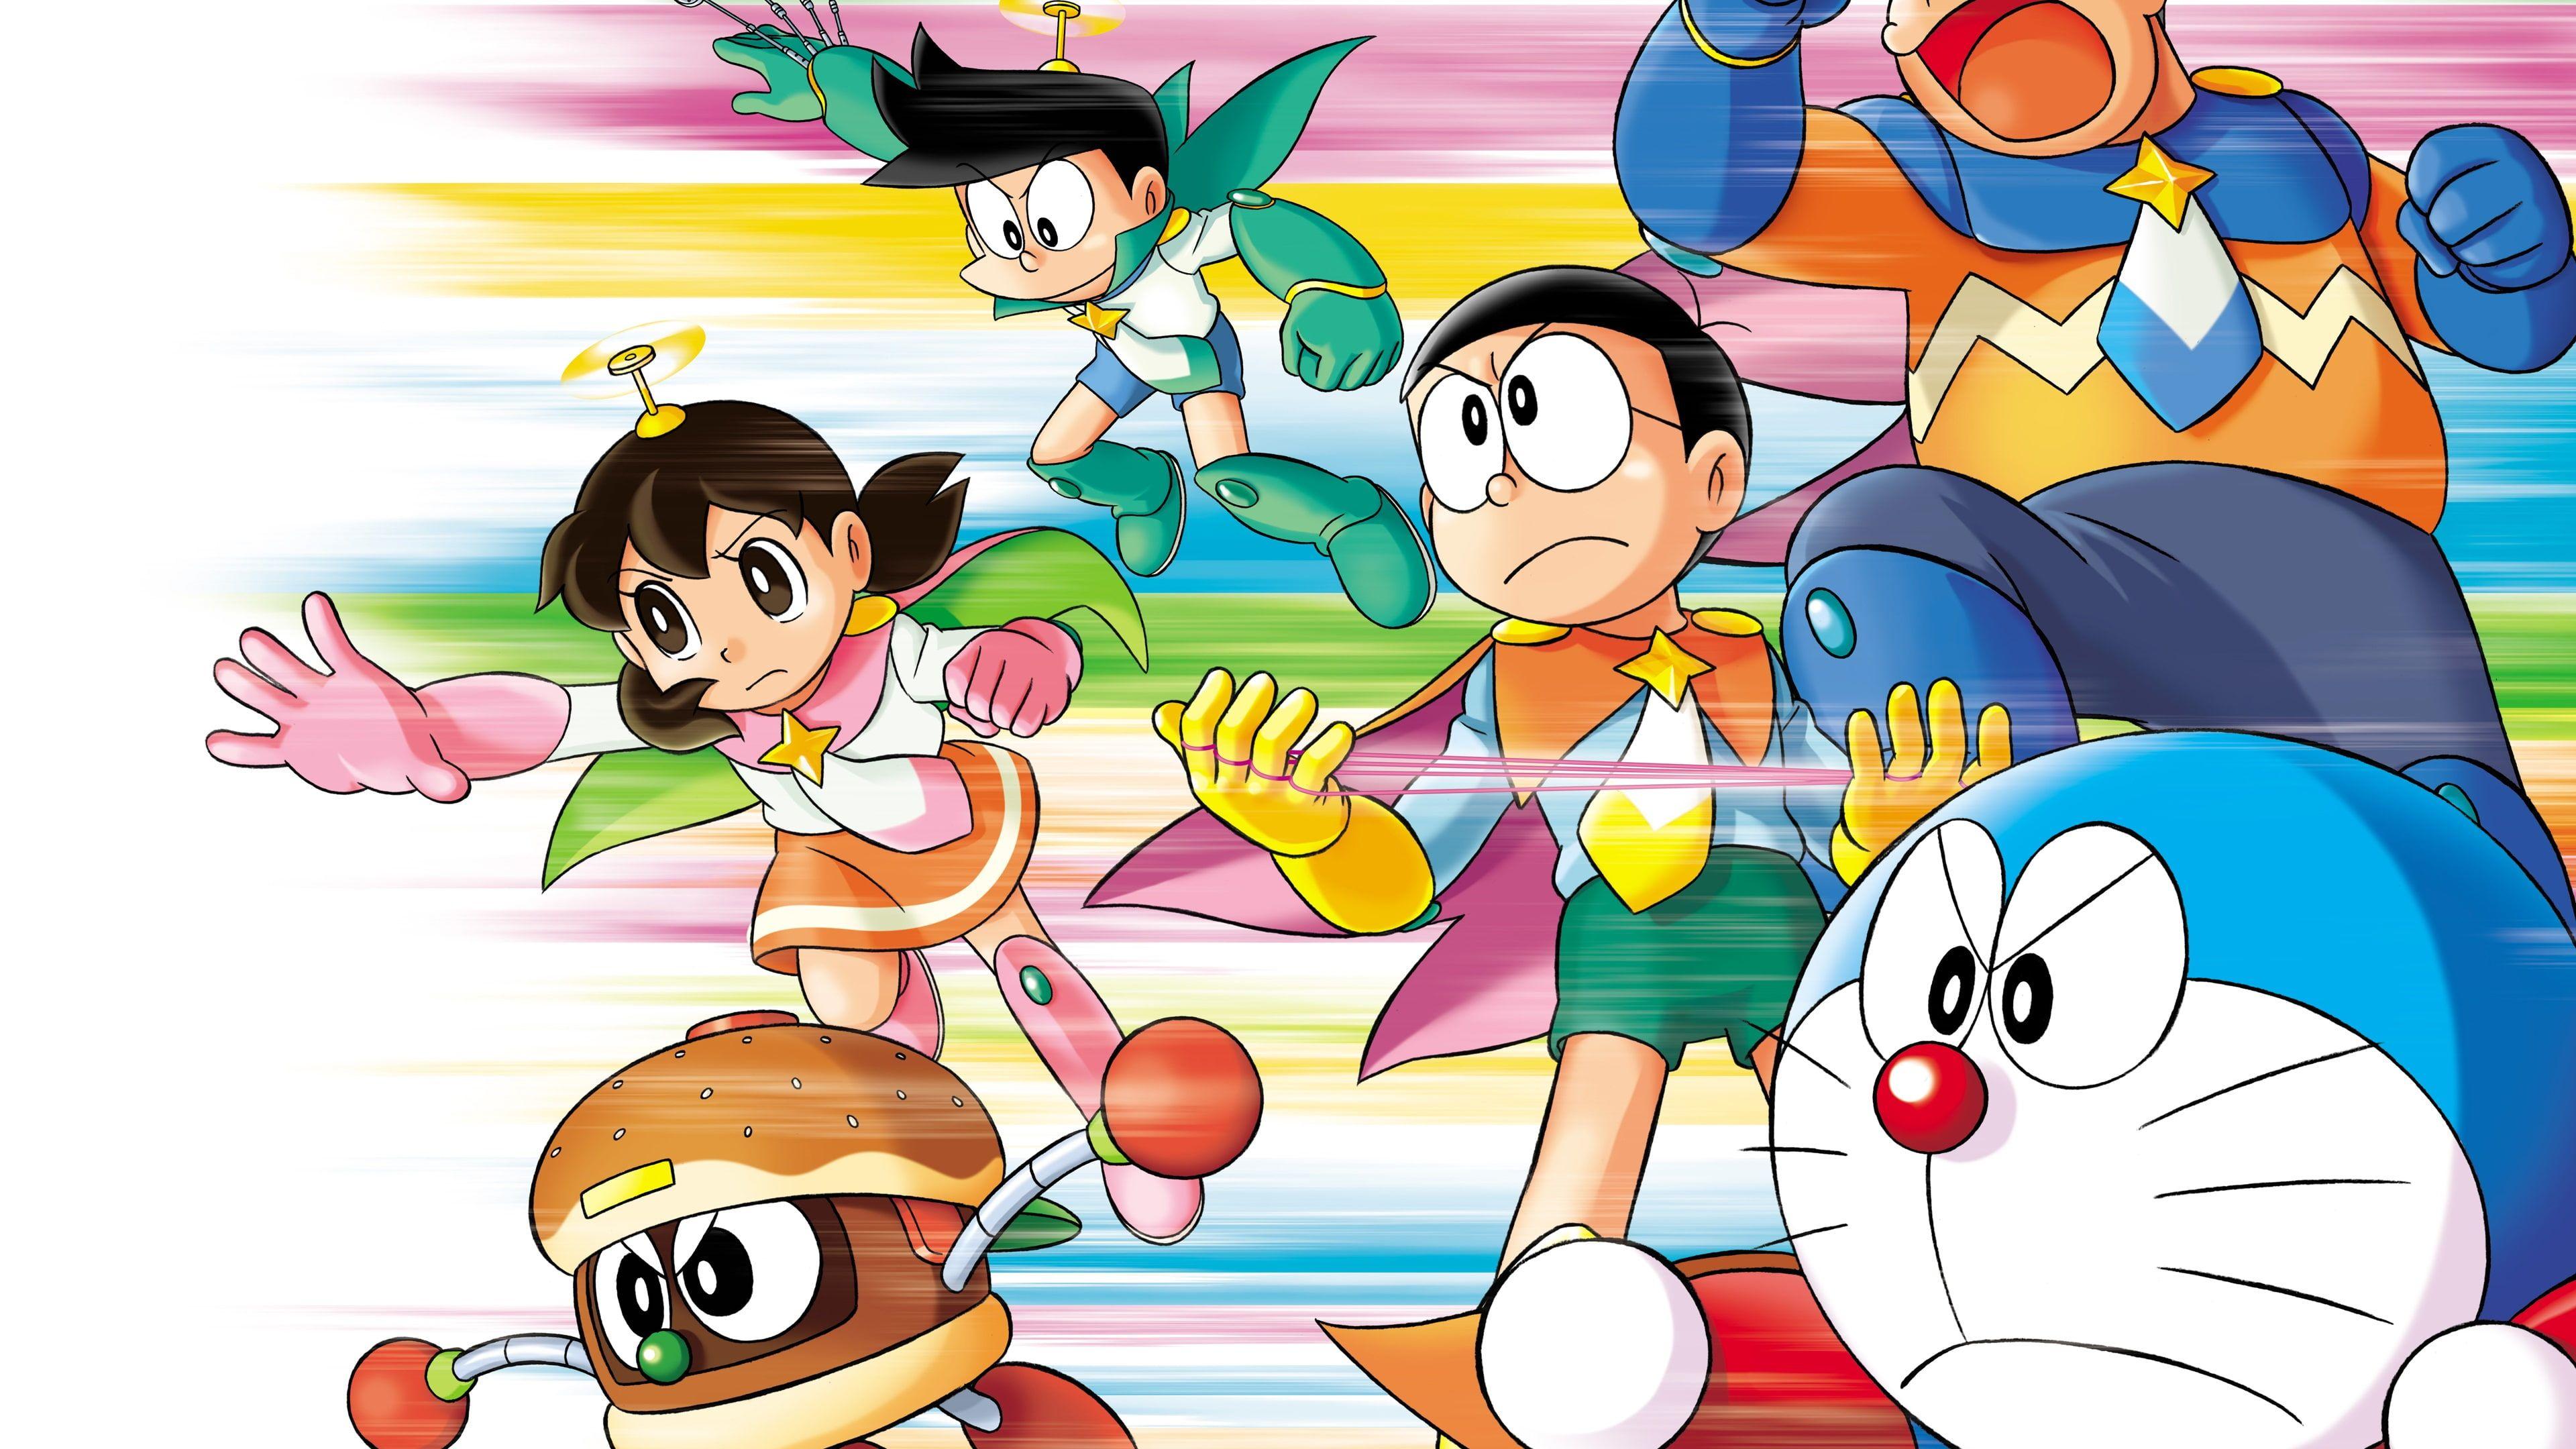 Japanese Anime Doraemon Doraemon Characters Illustration Japanese Anime Doraemon 4k Wallpaper Hdwallpaper Desktop Character Wallpaper Anime Doraemon Doraemon nobita wallpaper images